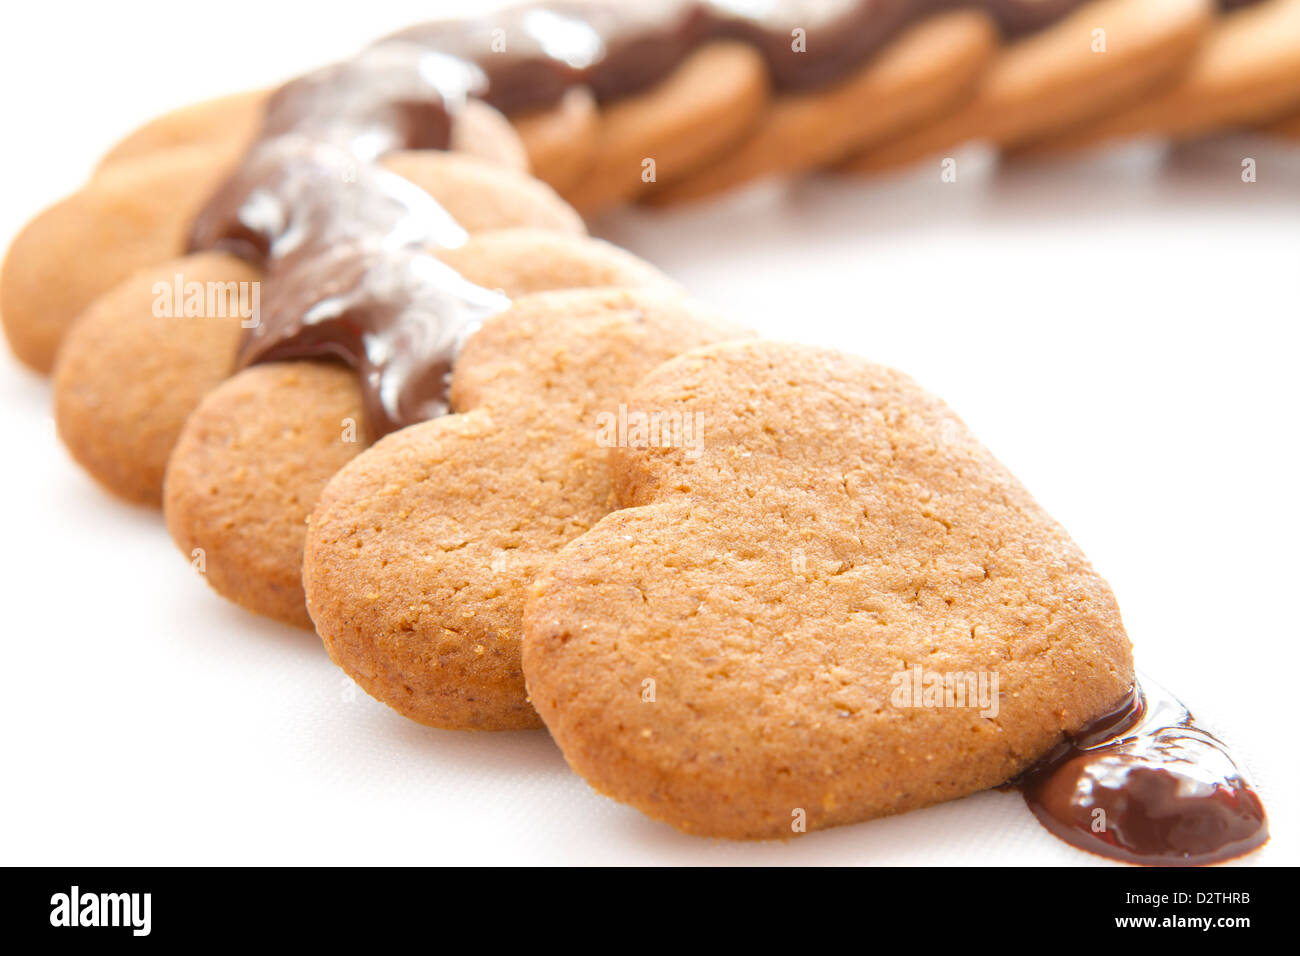 Biscotti al cioccolato sul tavolo bianco Immagini Stock